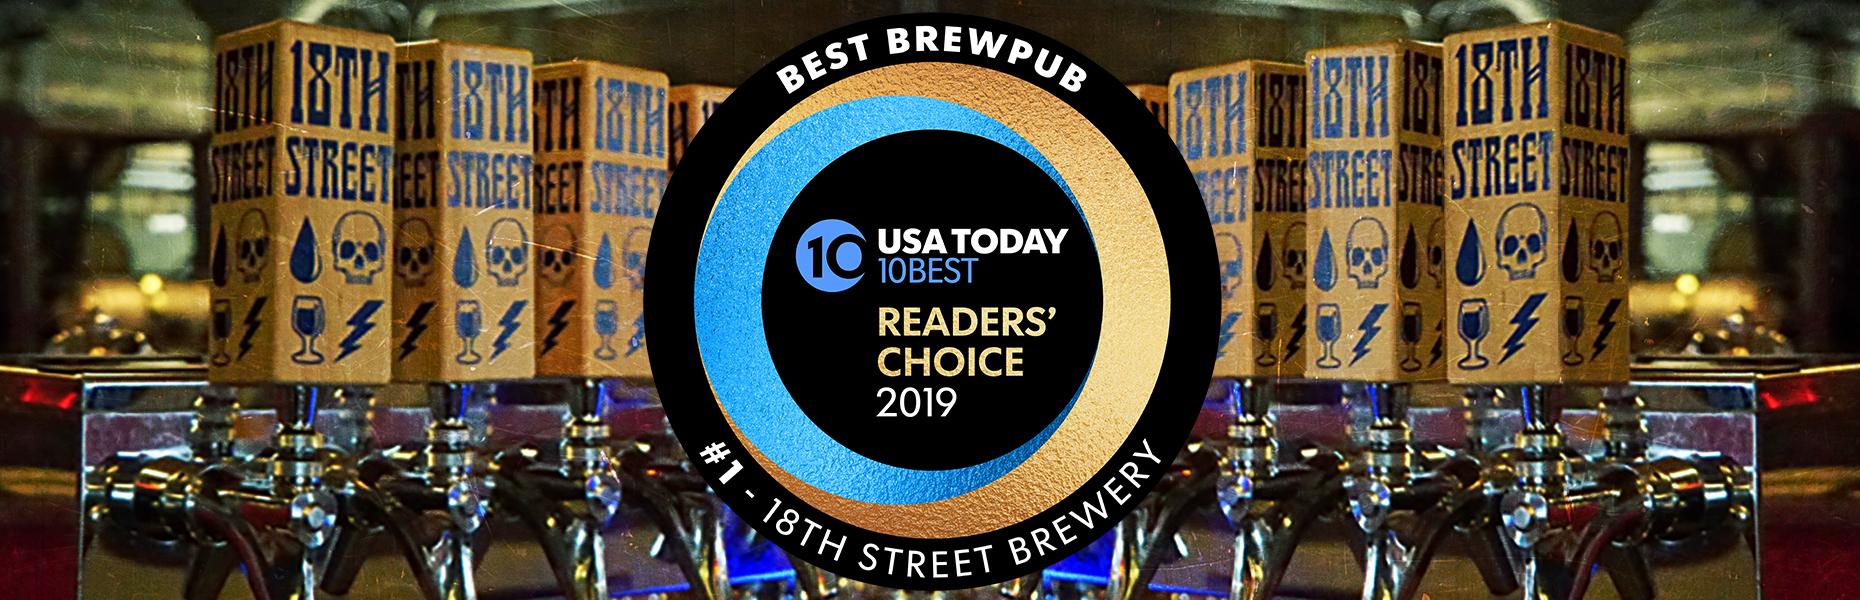 18thStreetBrewery_10Best_www_hero.jpg